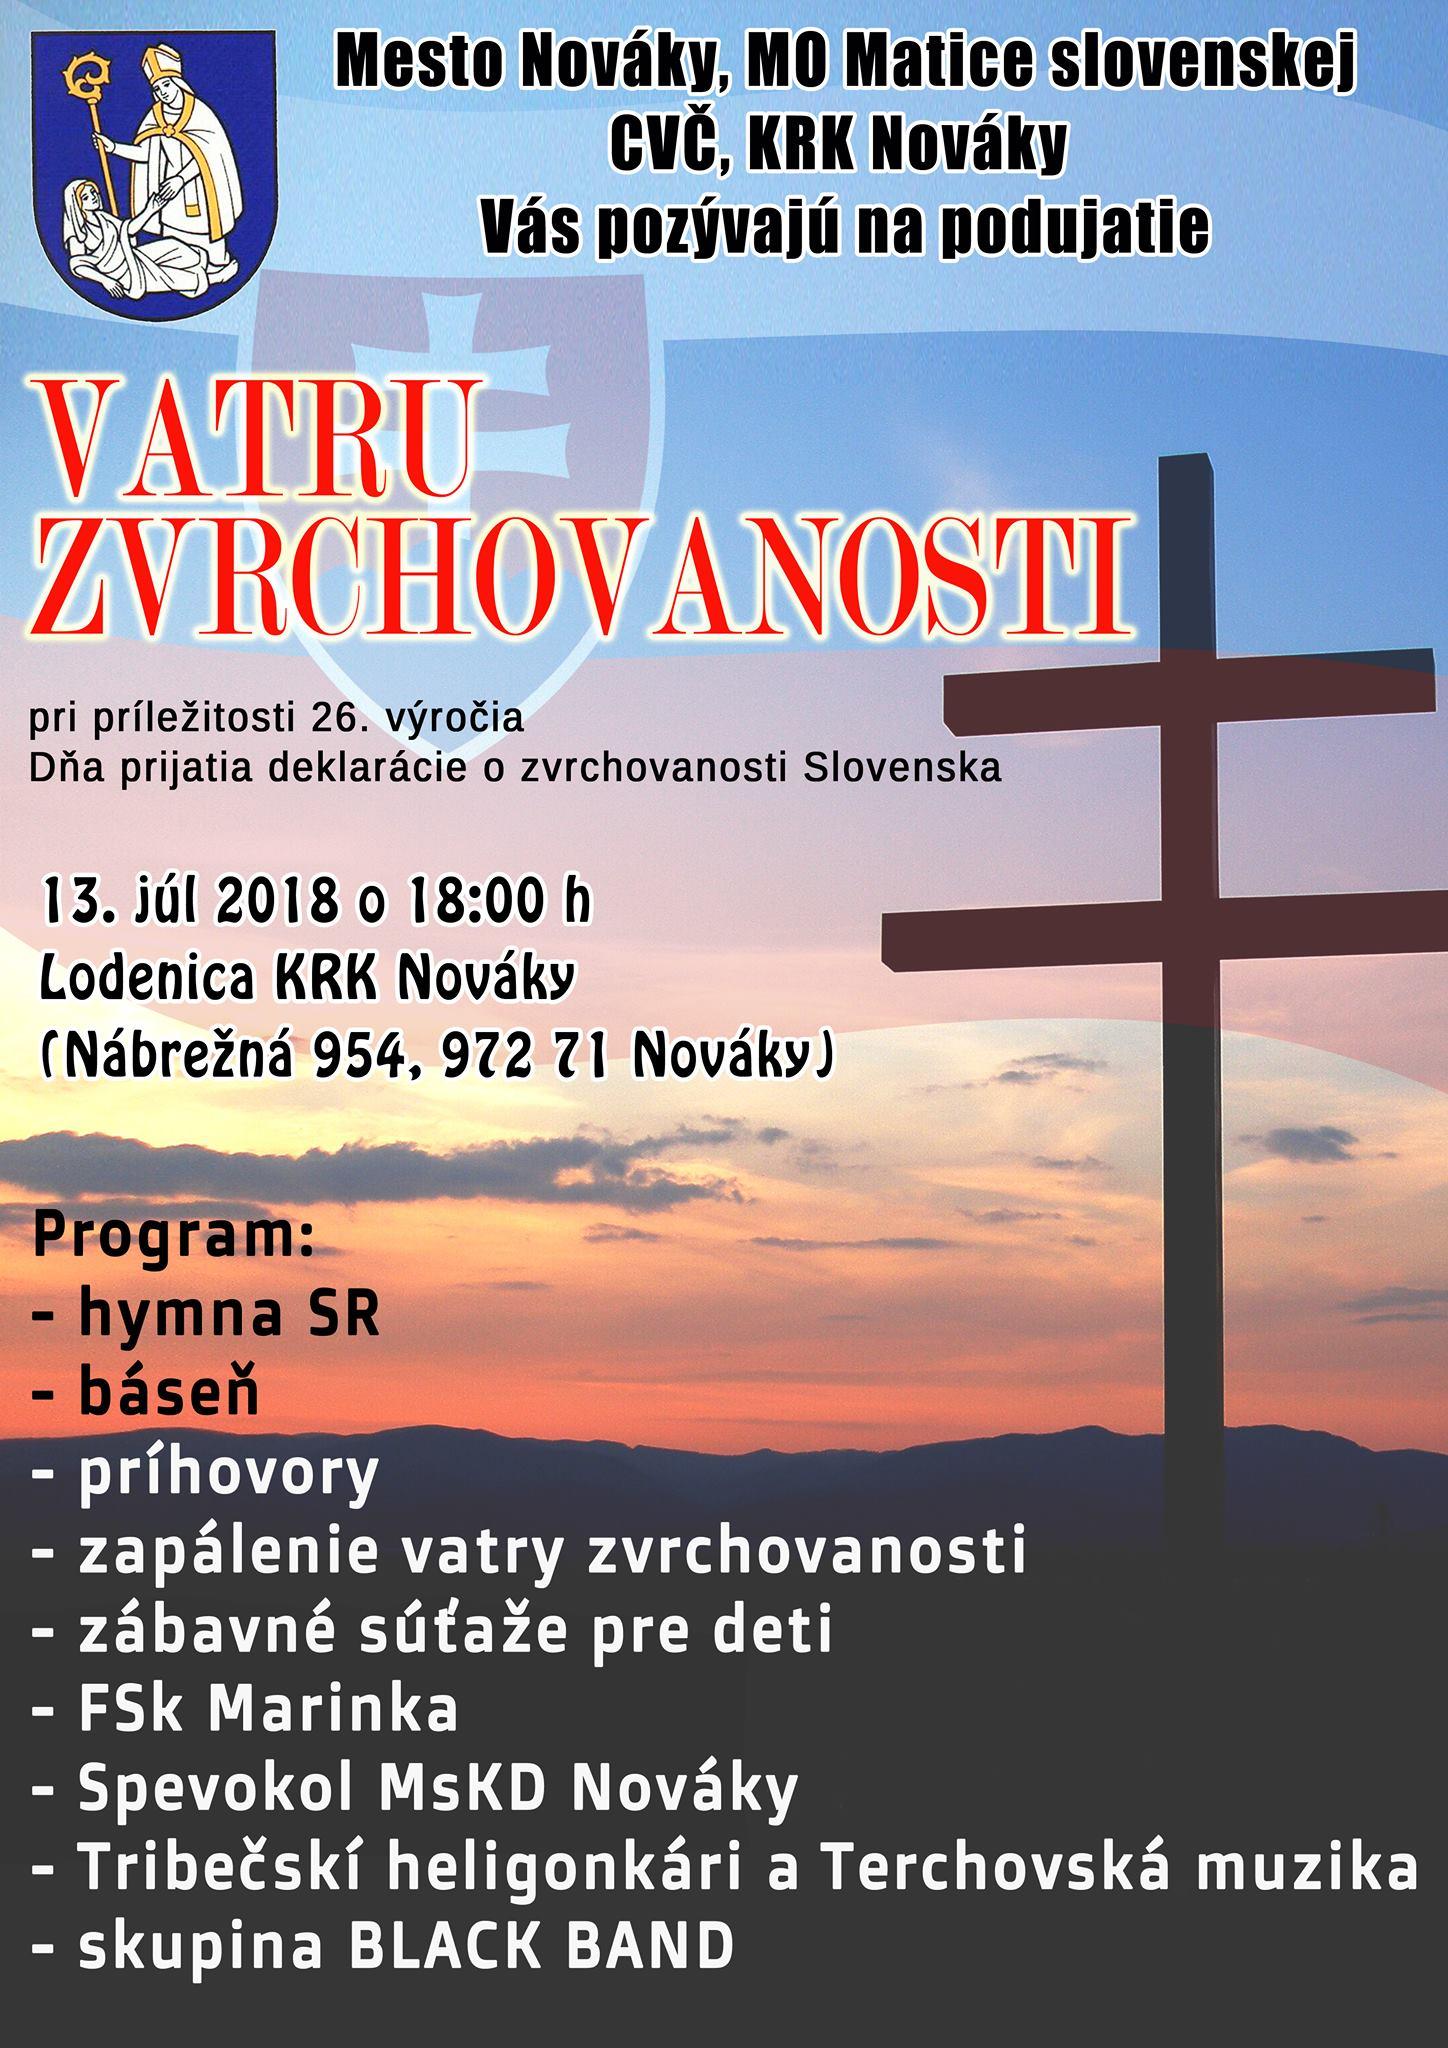 Vatra zvrchovanosti - Nováky